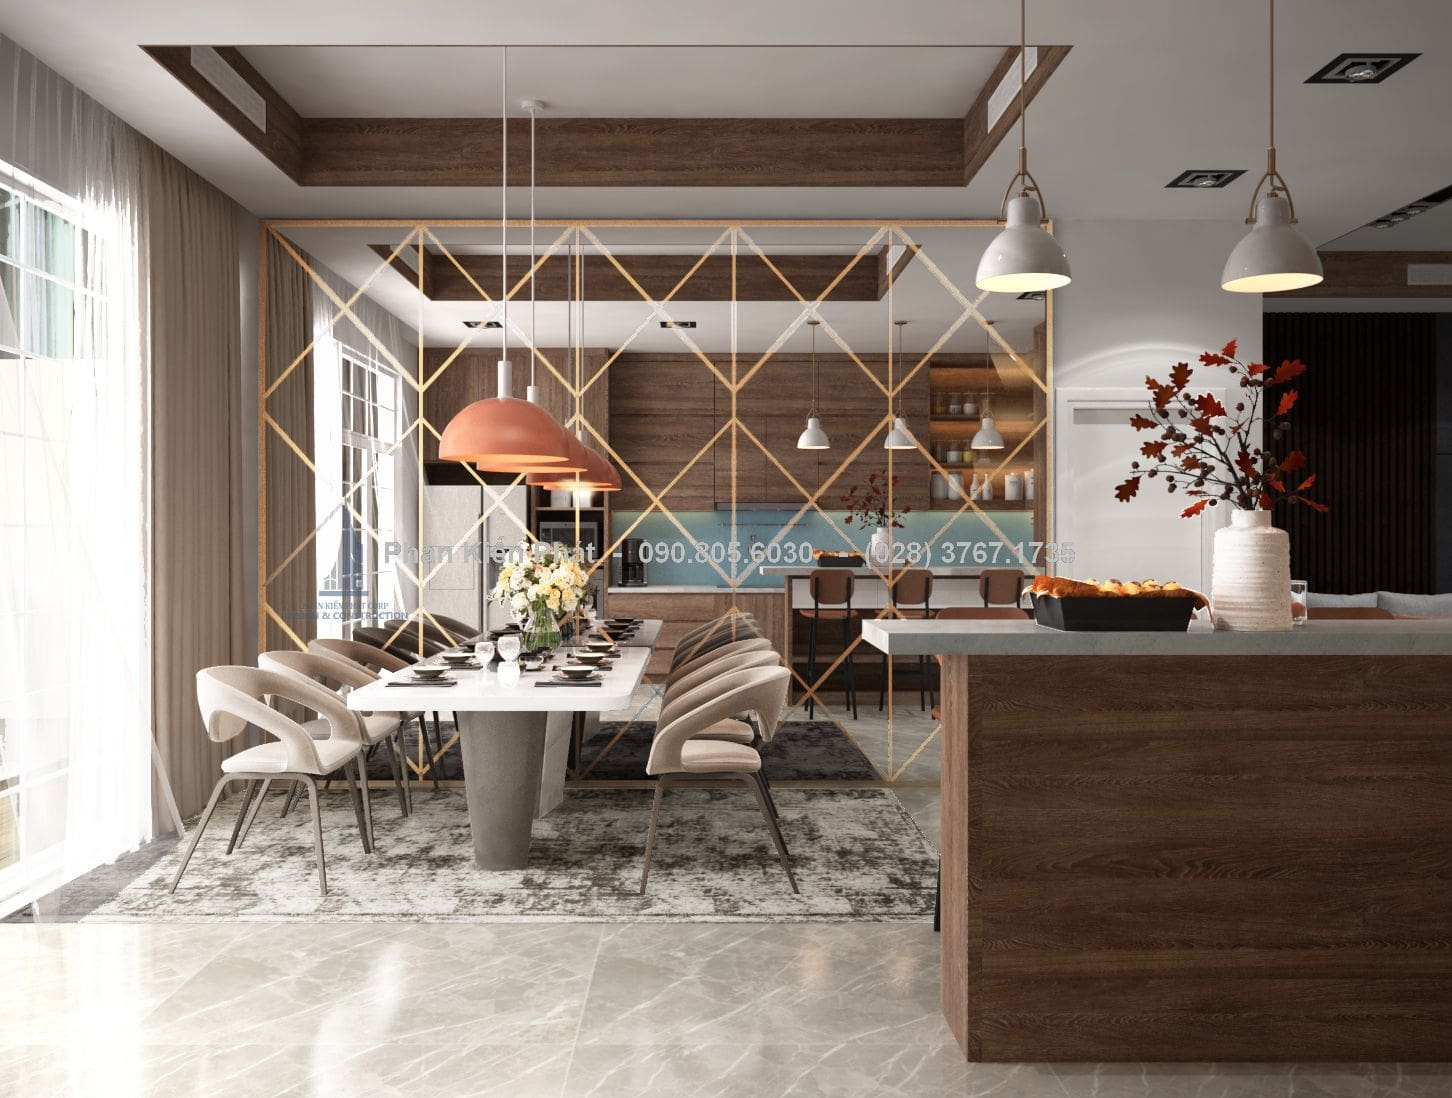 Không gian bếp rộng rãi và thoáng mát